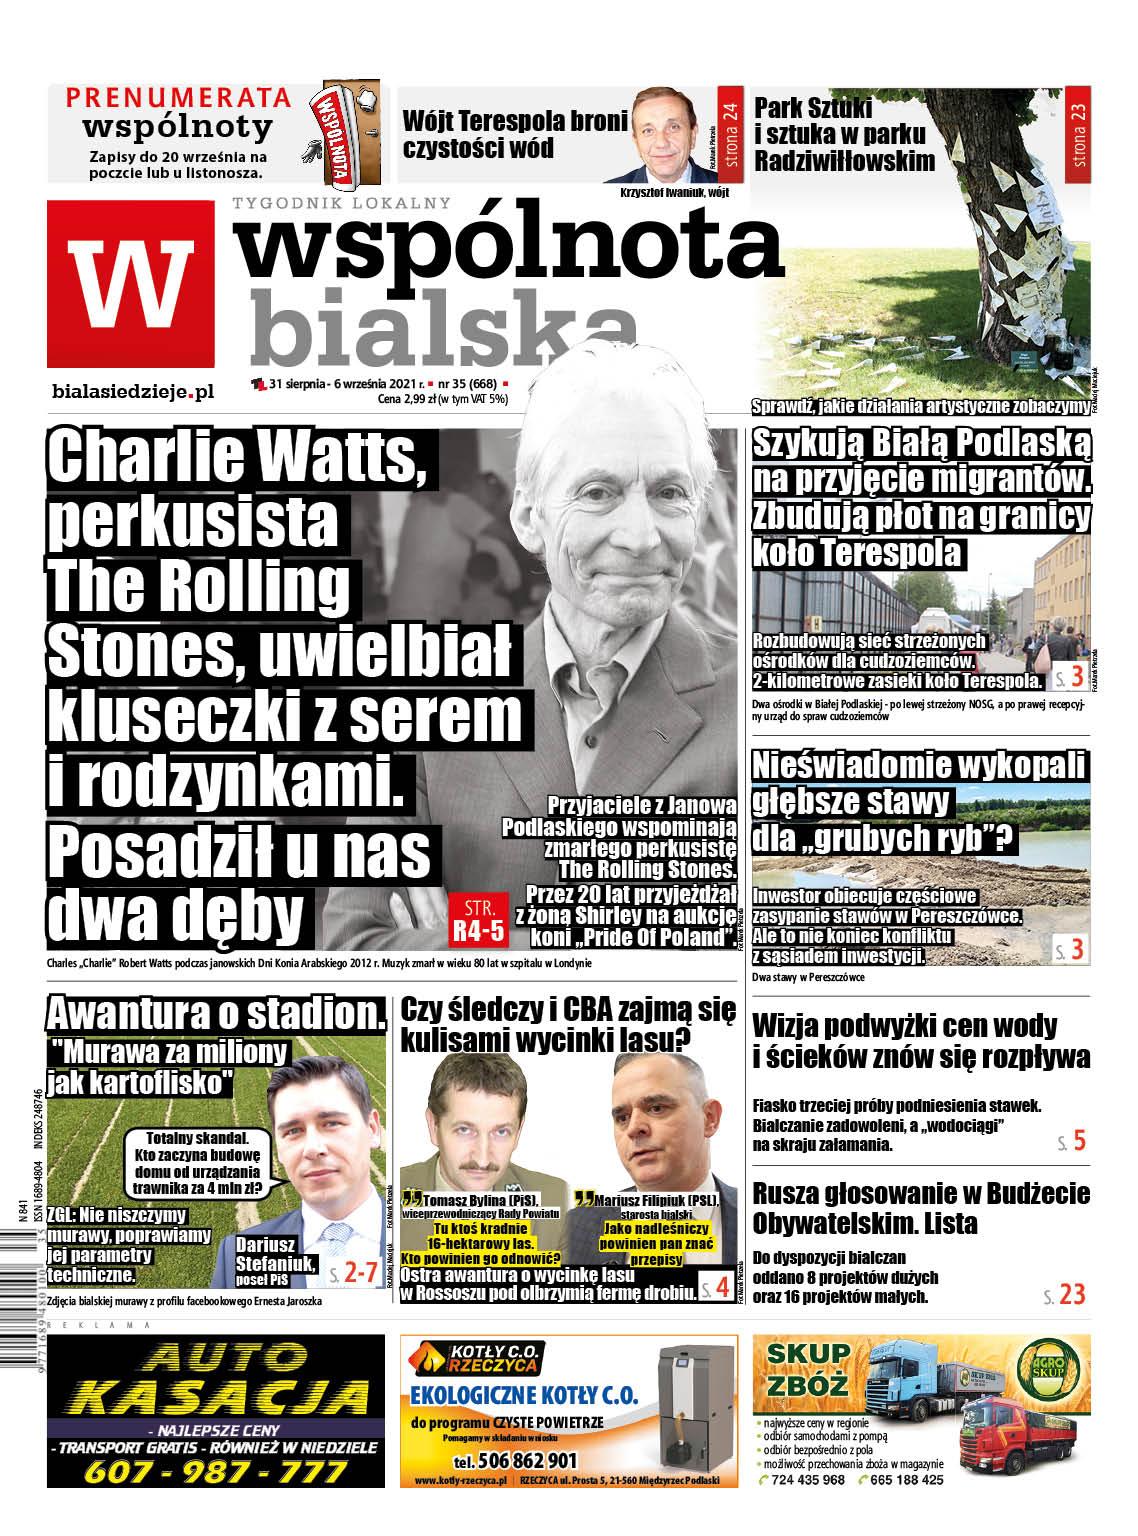 Charlie Watts, perkusista The Rolling Stones uwielbiał kluseczki z serem i rodzynkami. Posadził u nas dwa dęby - Zdjęcie główne